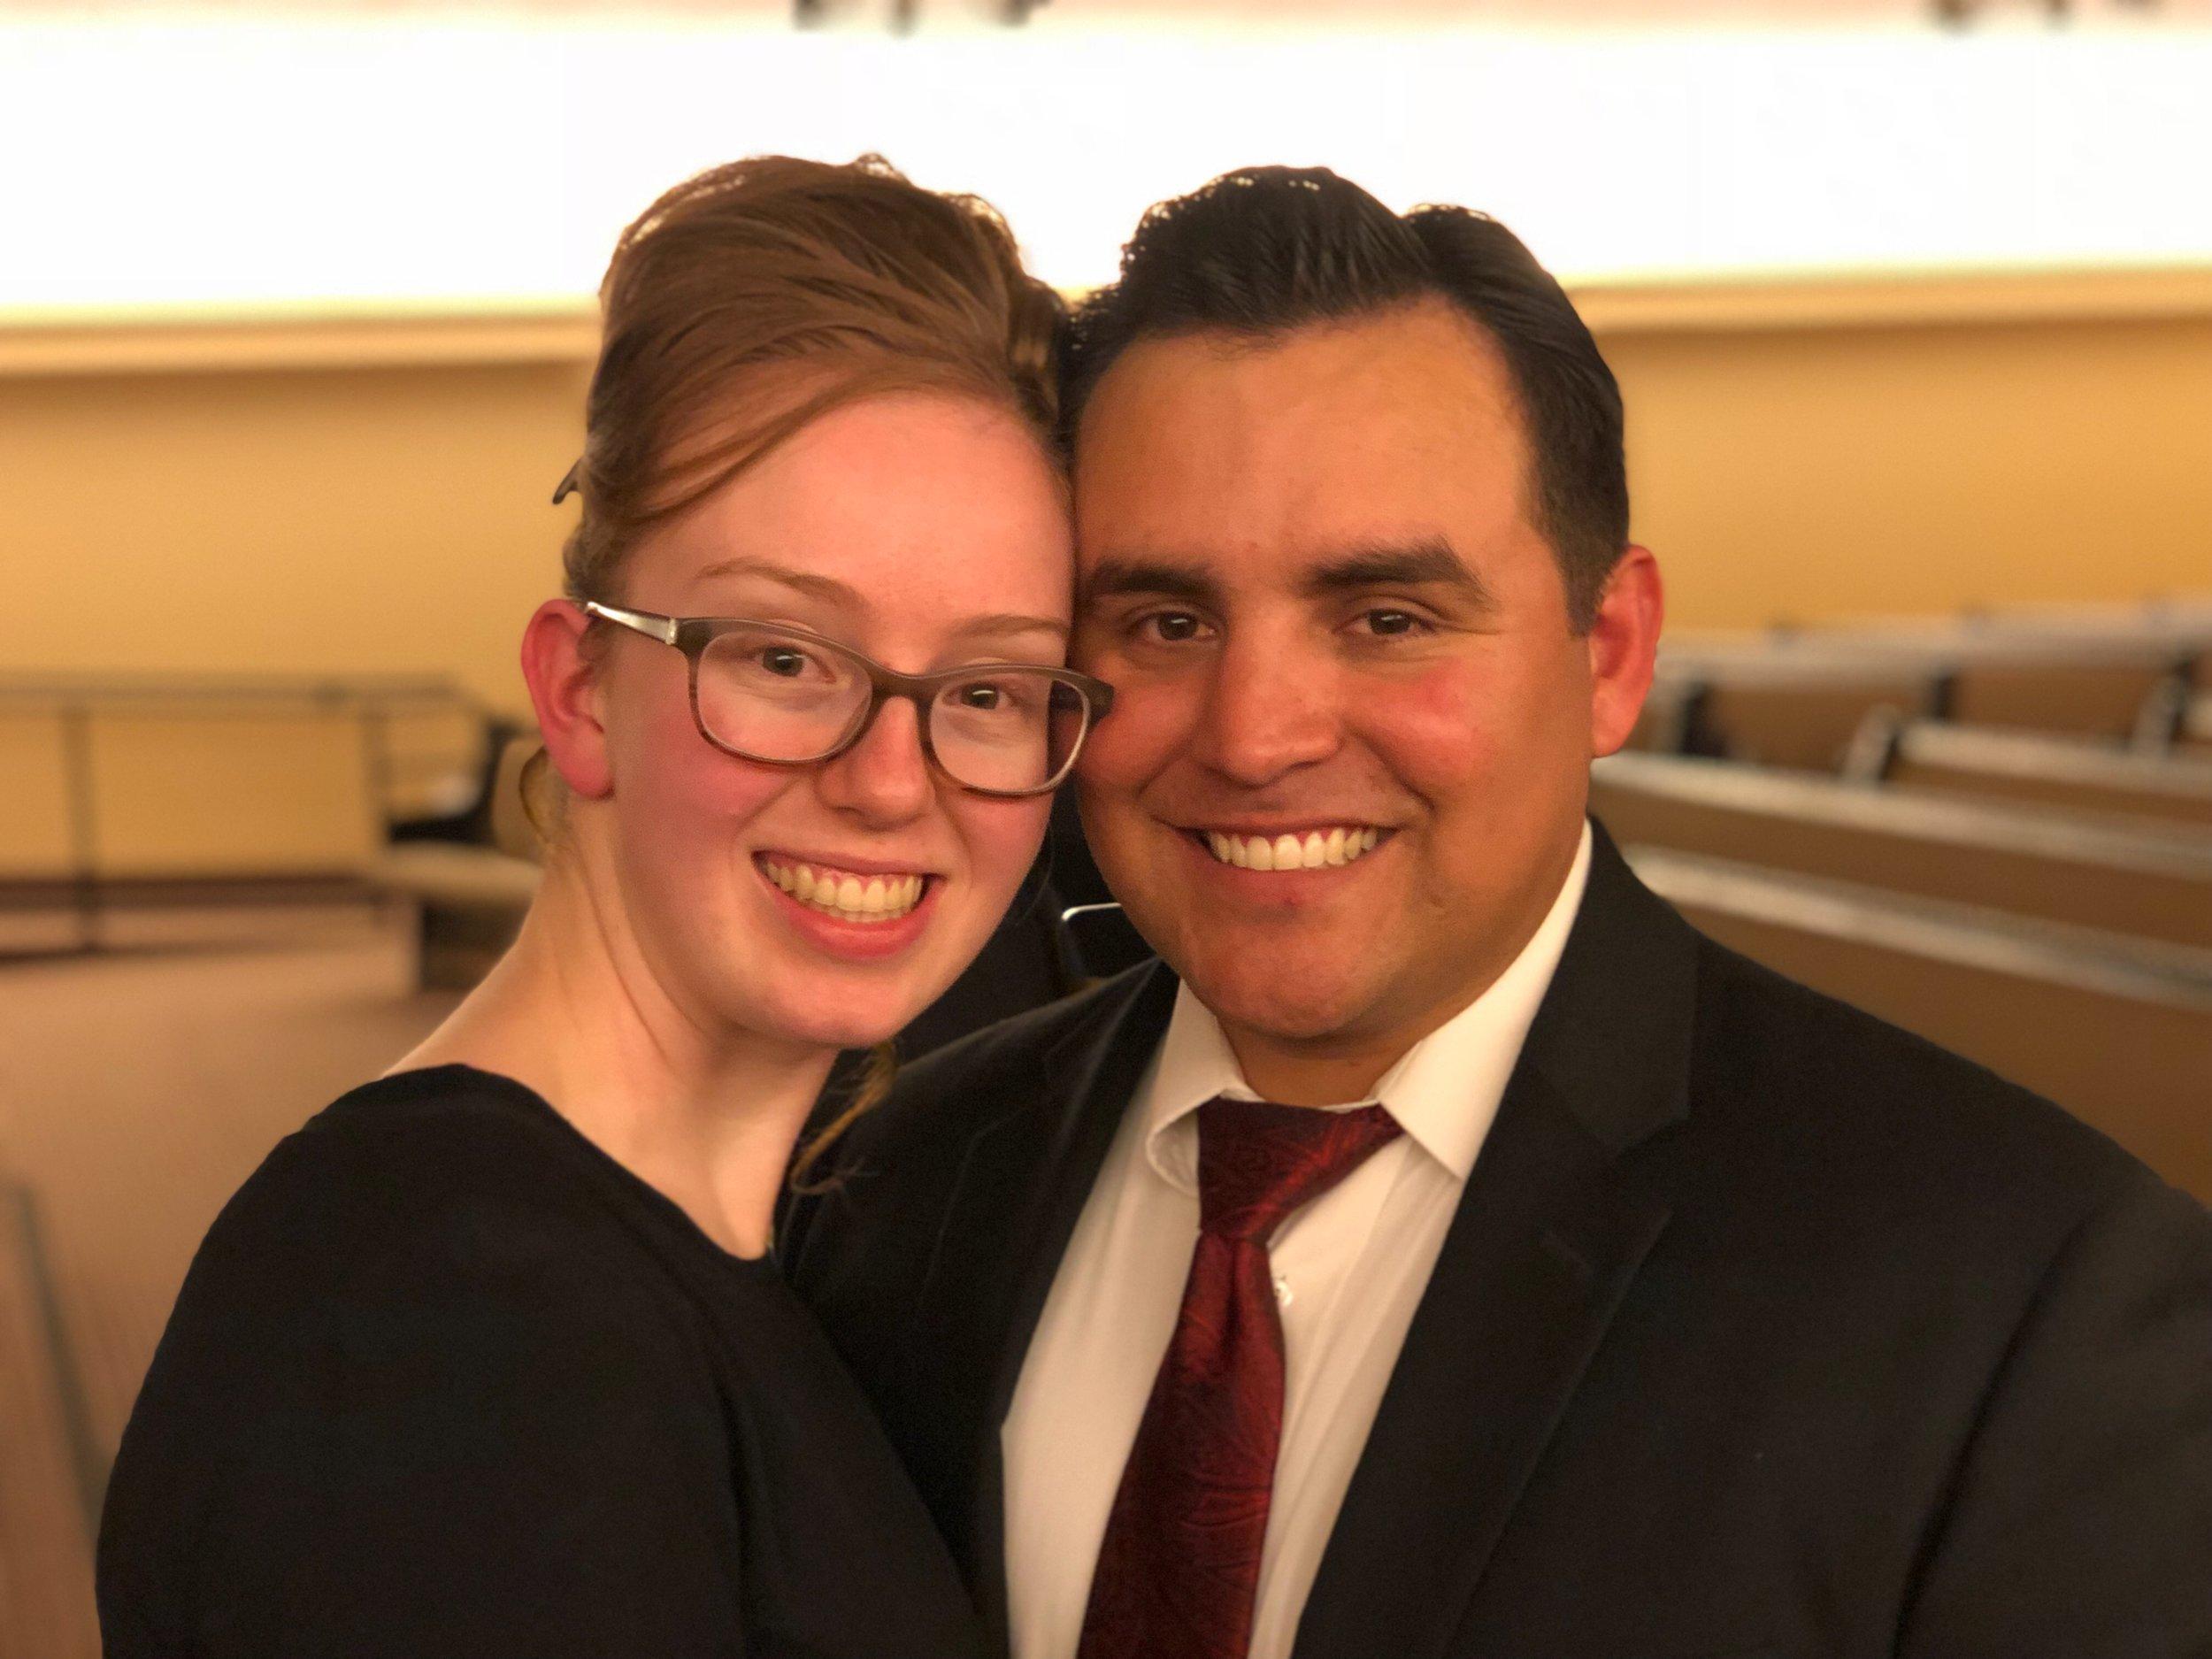 Raul and Sarah Davis, Junior Youth Directors